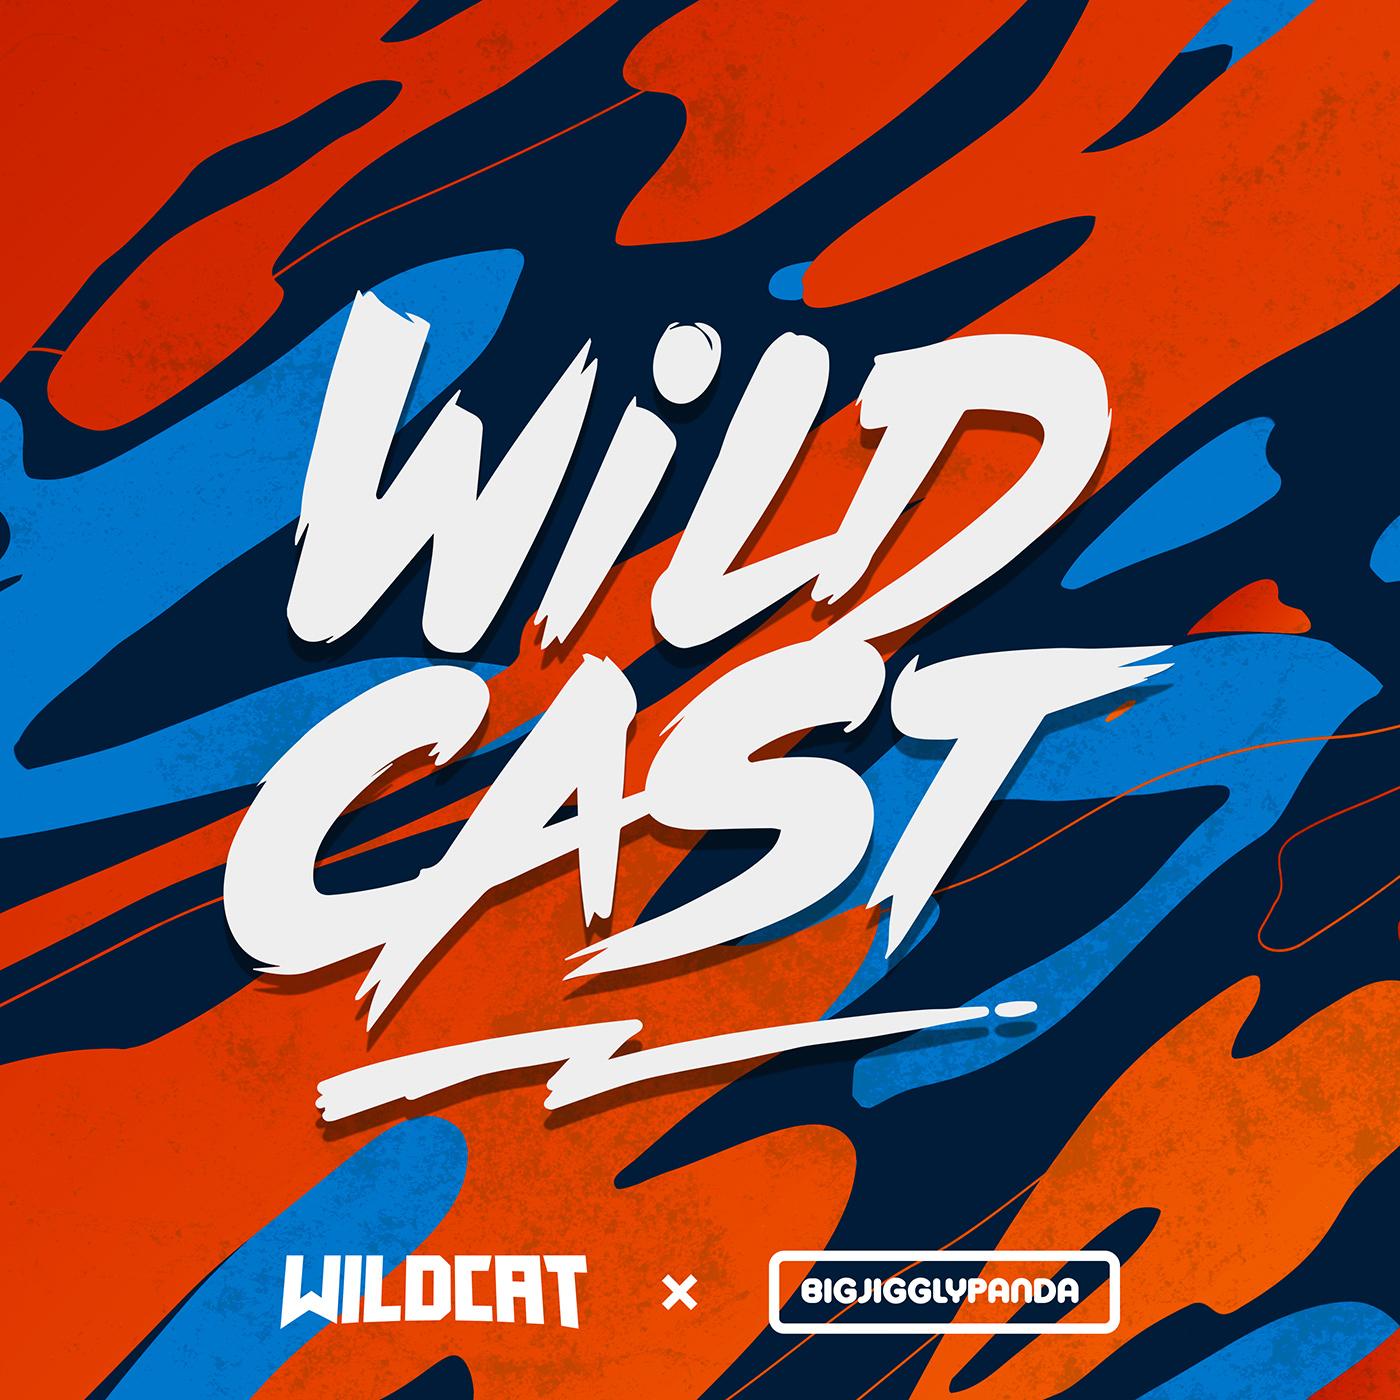 Wildcast Logo & Branding